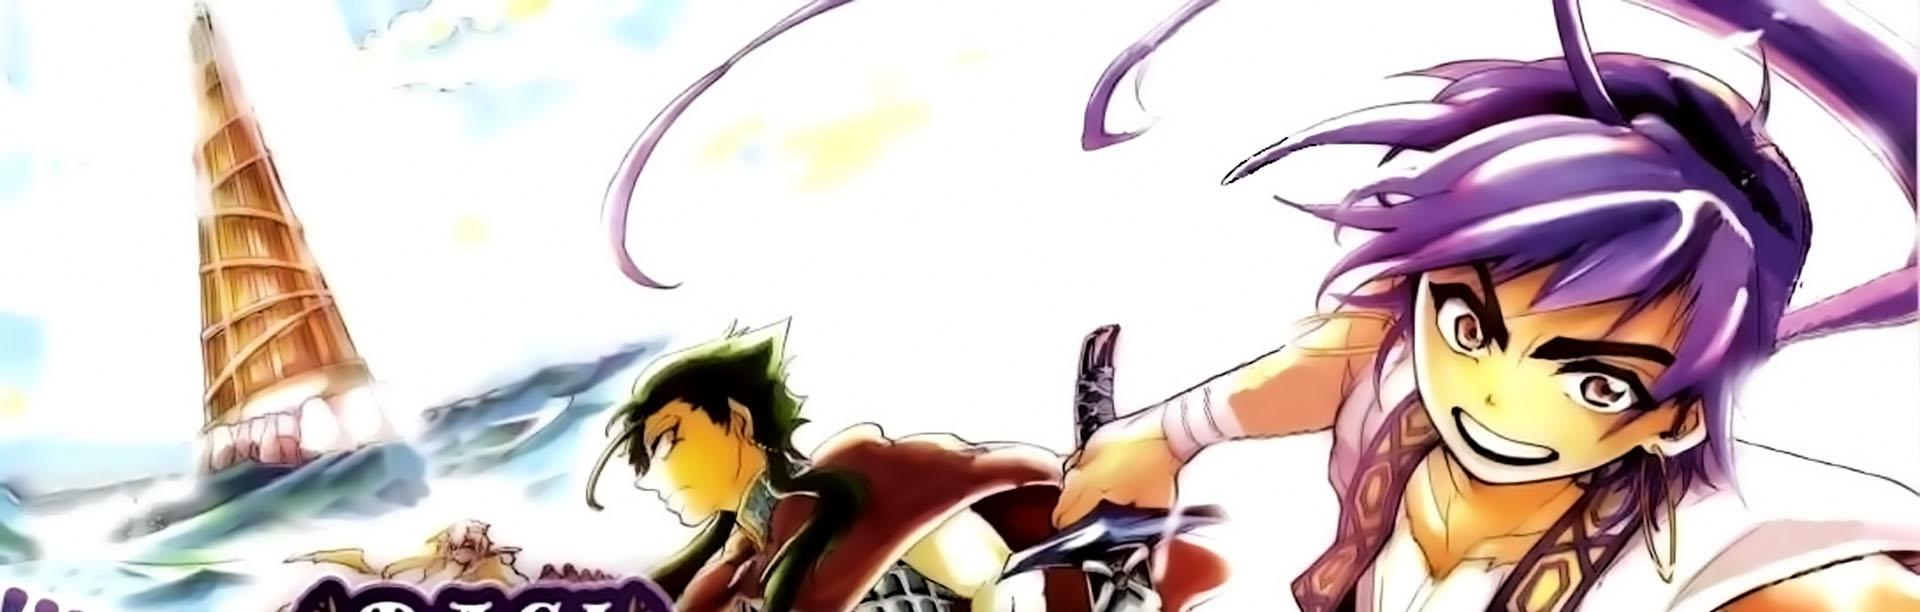 Les aventures de Sinbad vf, manga traduit en français.